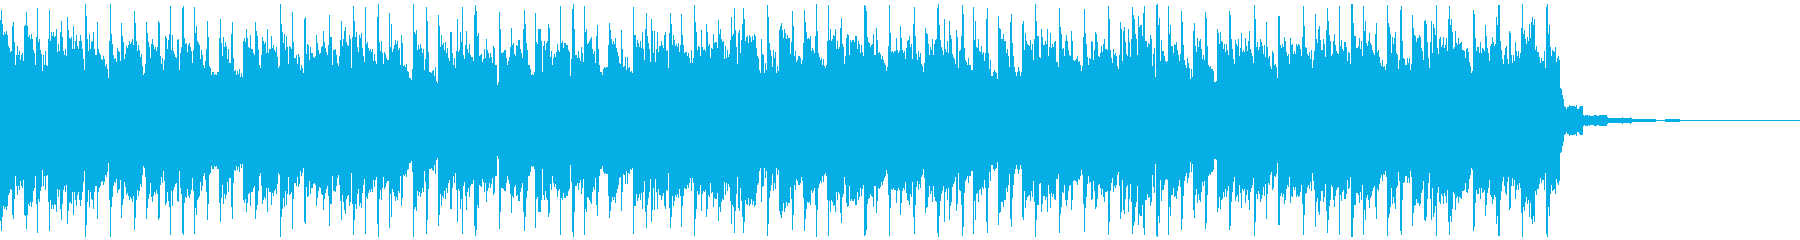 映像やCM/お洒落で爽快なピアノハウス3の再生済みの波形